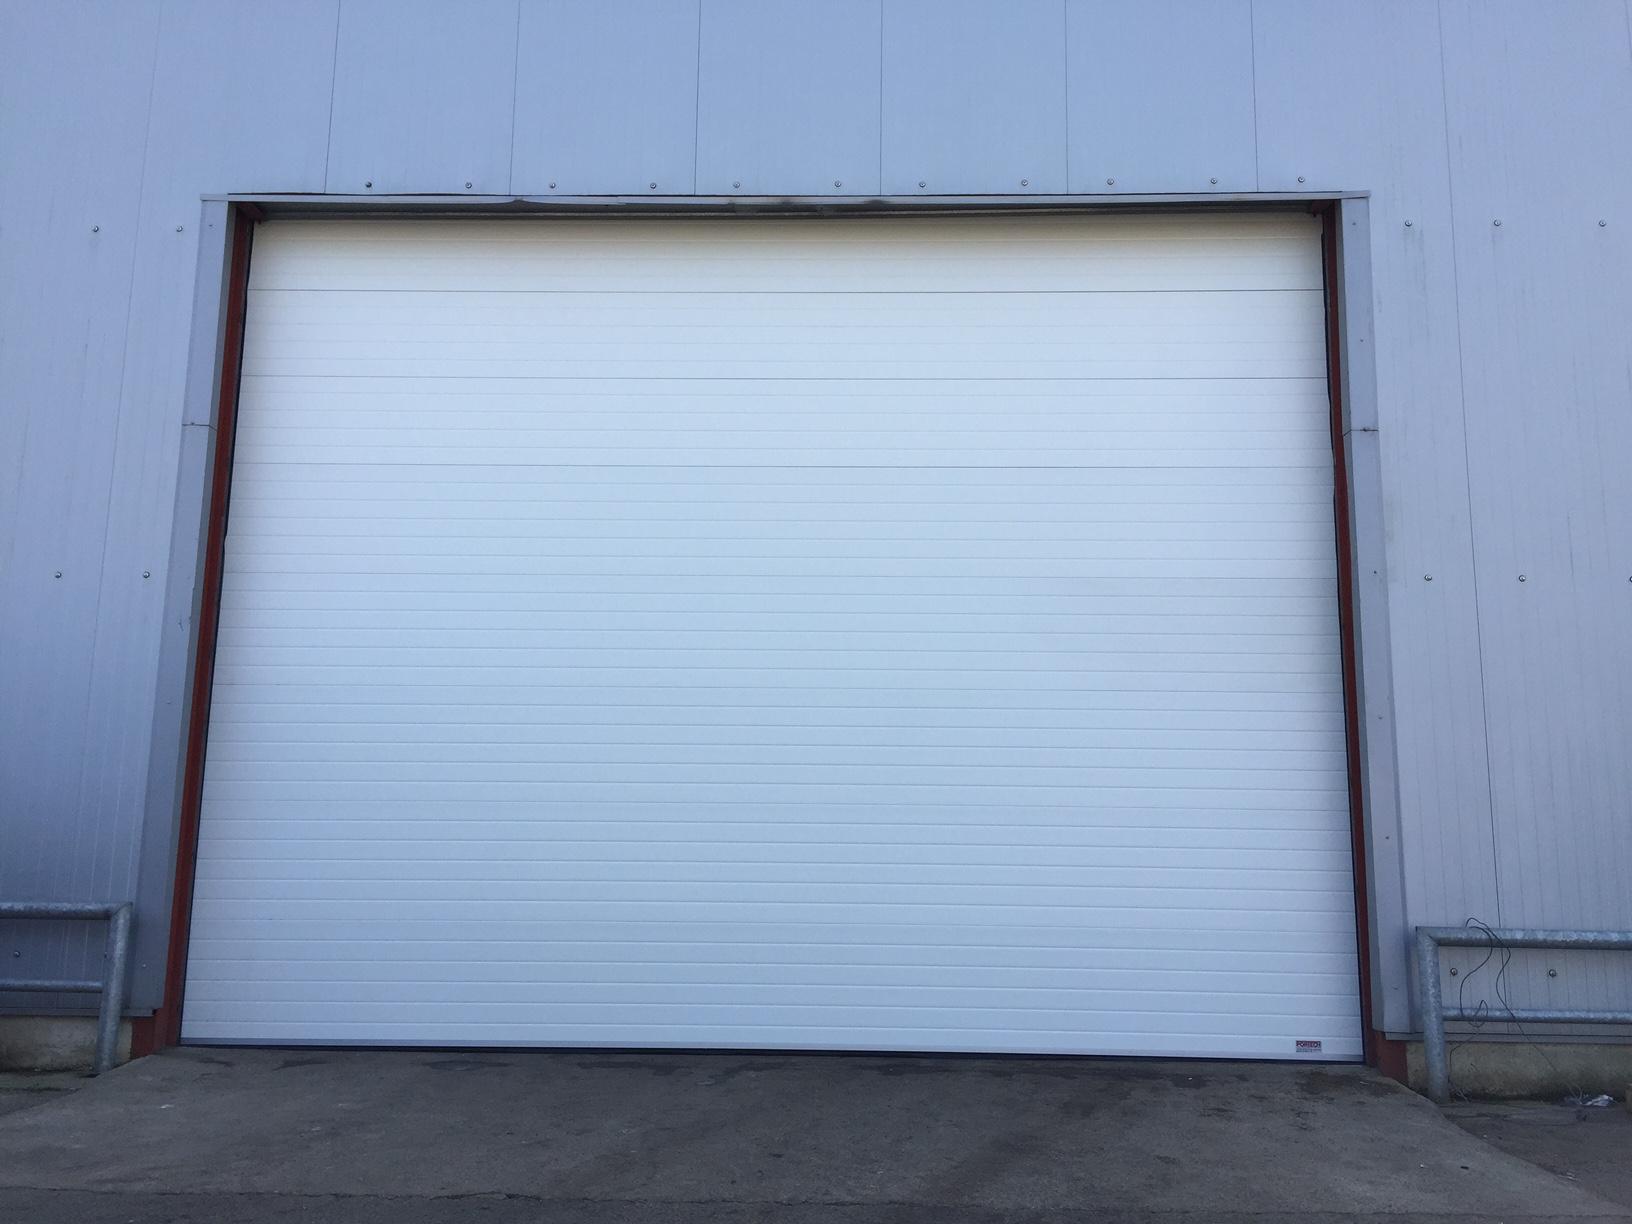 Portes sectionnelle industrielle sure mesure portech - Porte sectionnelle industrielle occasion ...